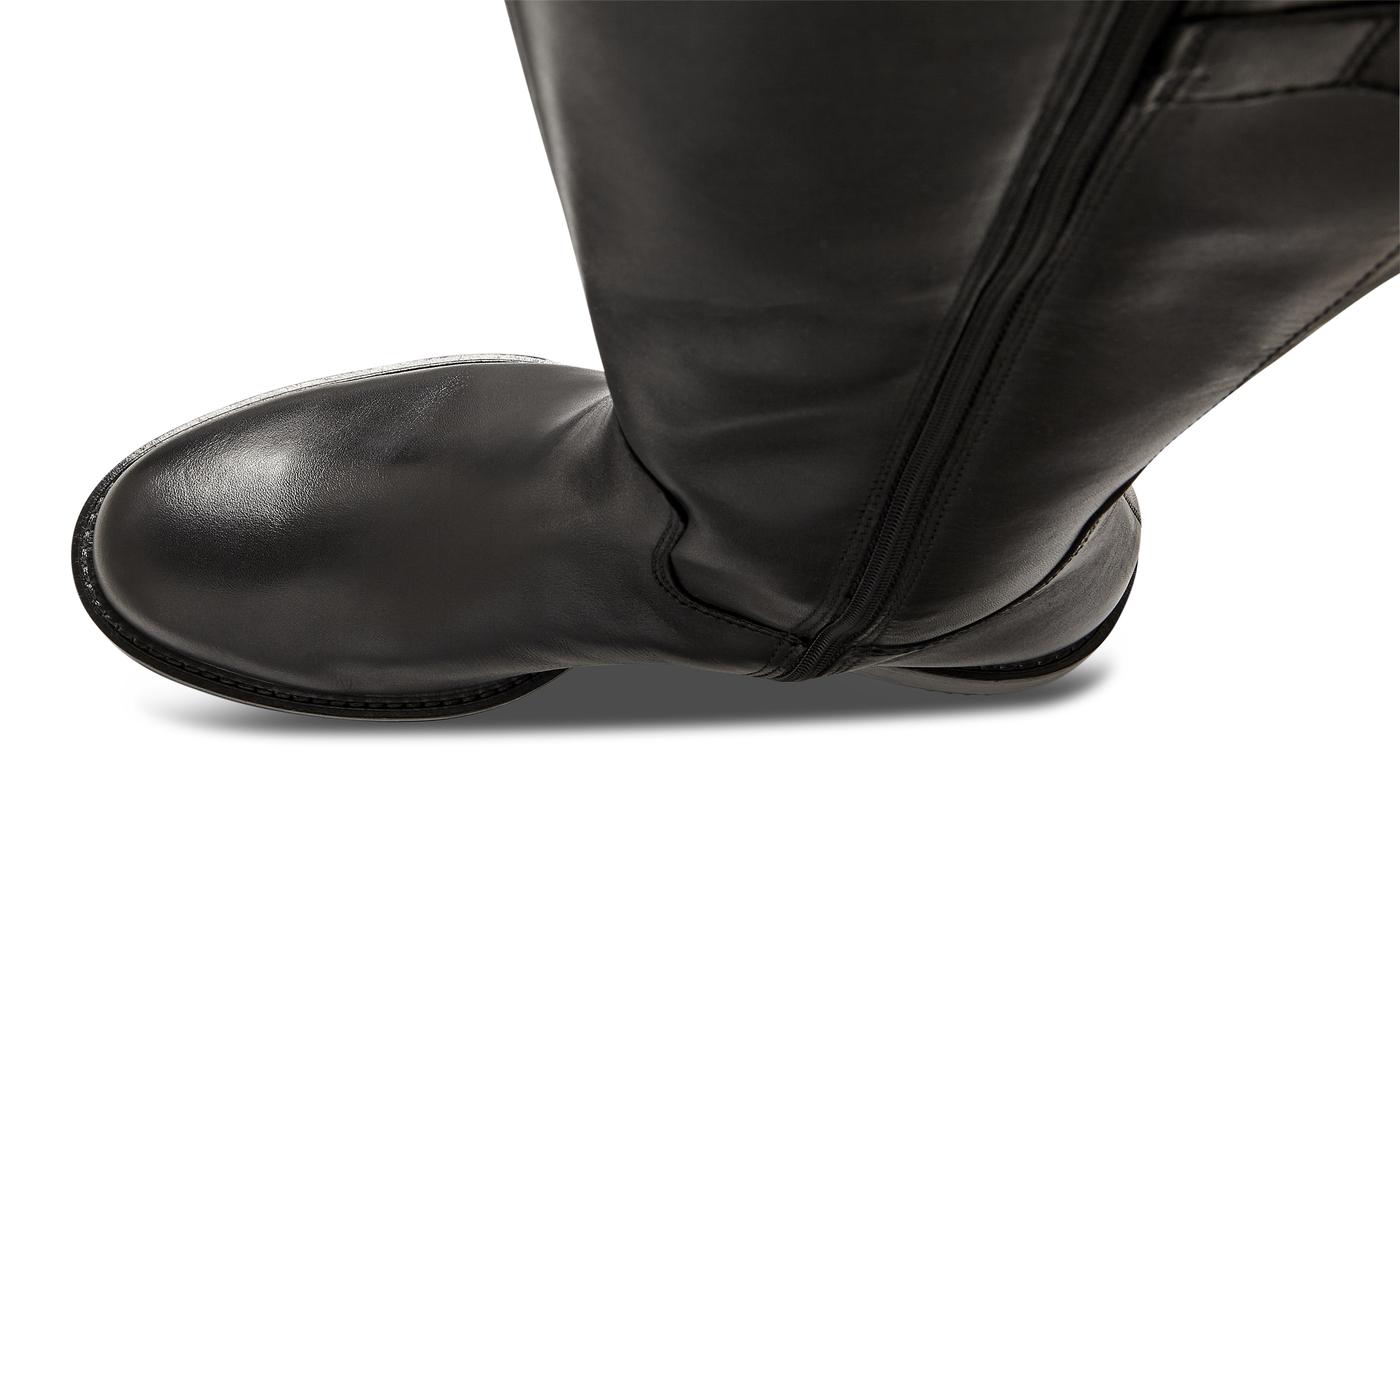 ECCO Sartorelle 25 Tall Buckle Boot